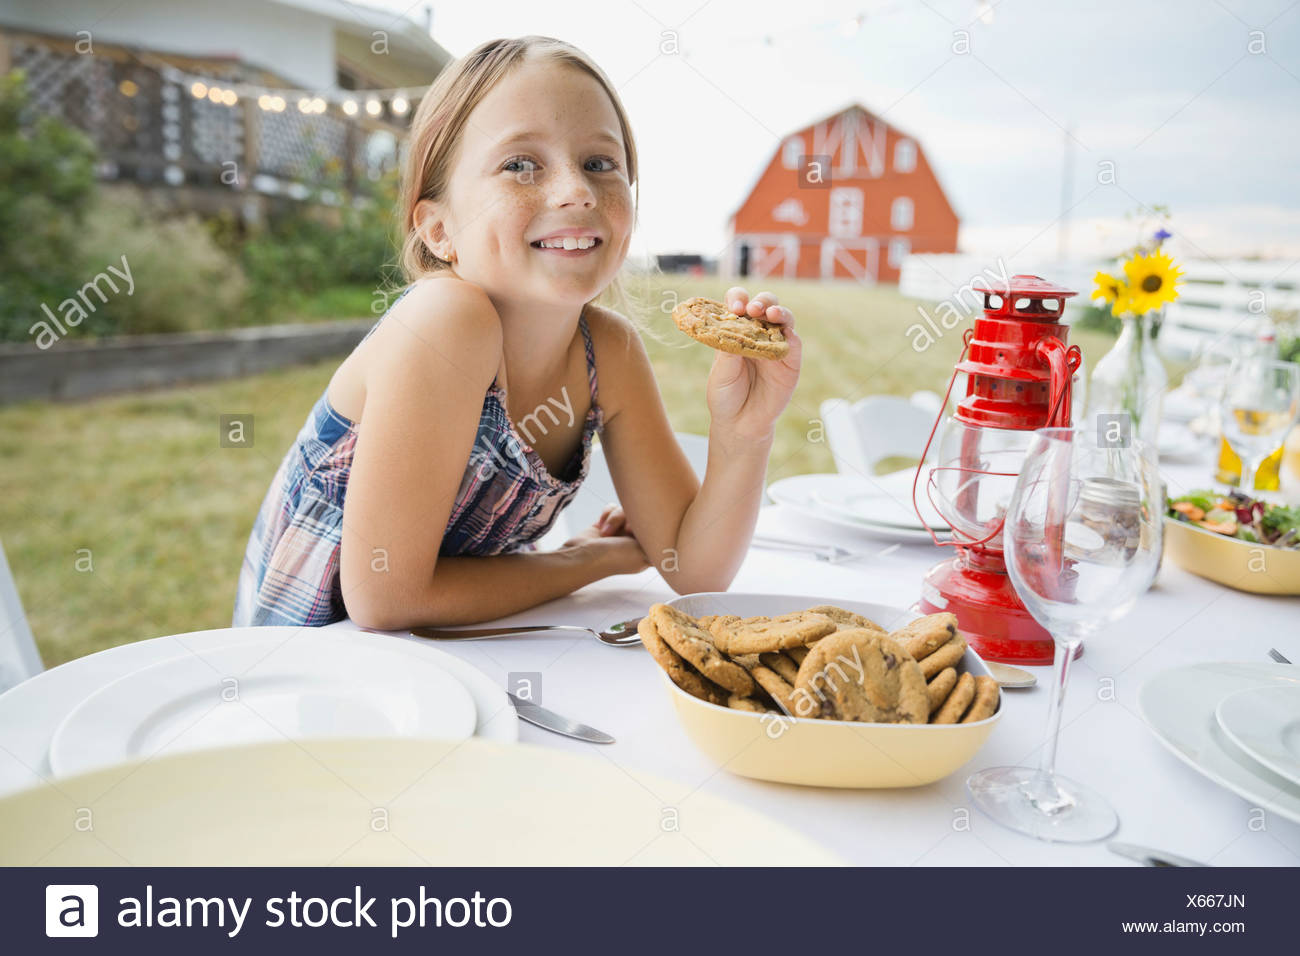 Chica sujetando cookie en mesa de comedor al aire libre Imagen De Stock